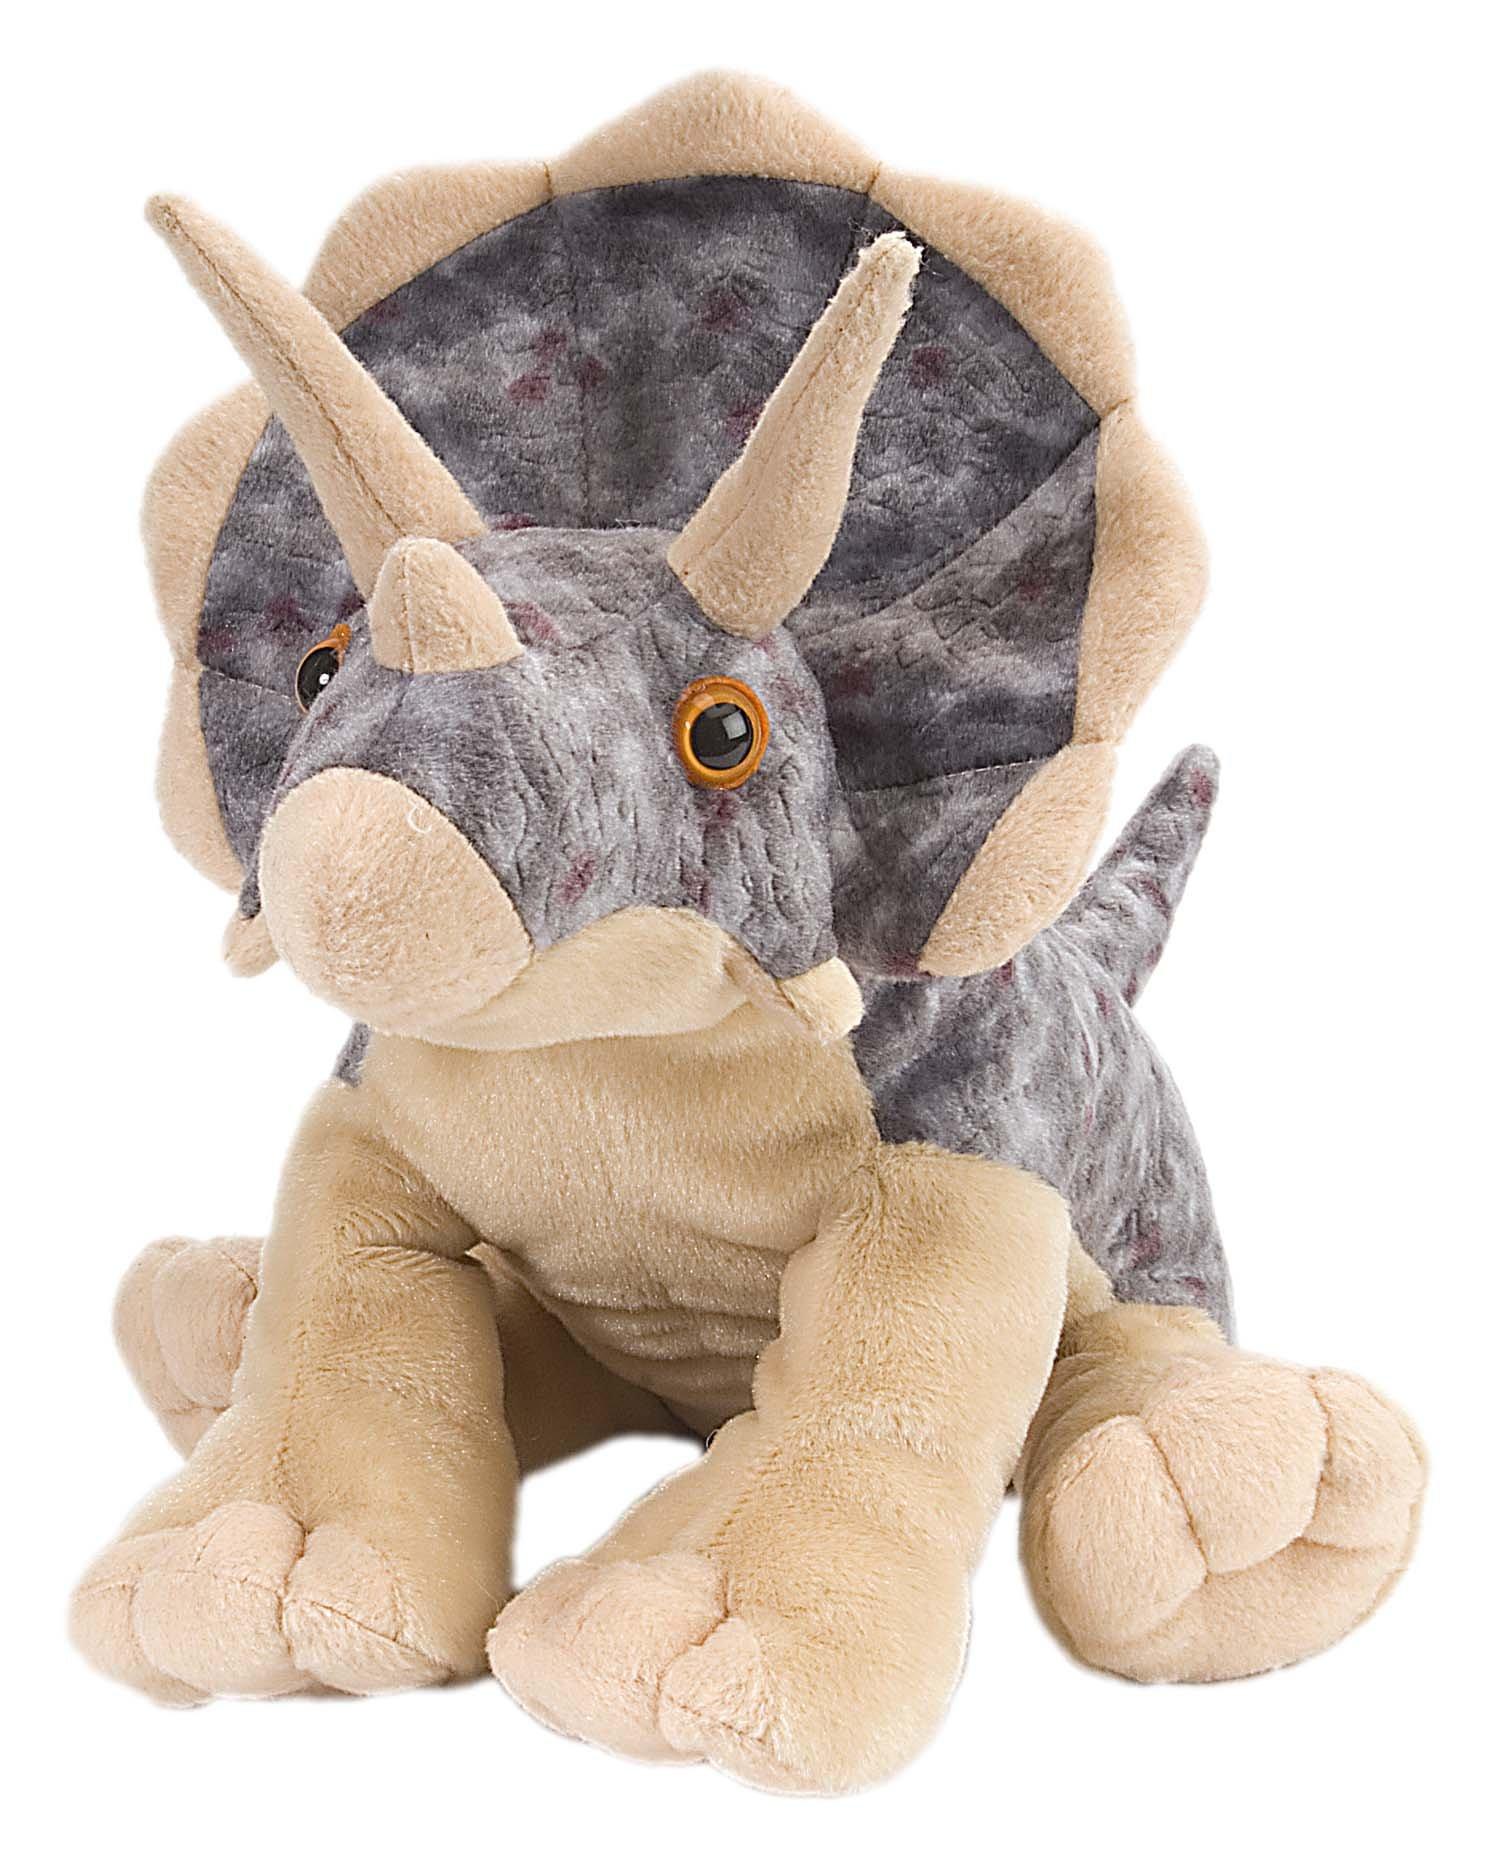 Wild Republic Triceratops Plush, Dinosaur Stuffed Animal, Plush Toy, Gifts For Kids, Cuddlekins 12''